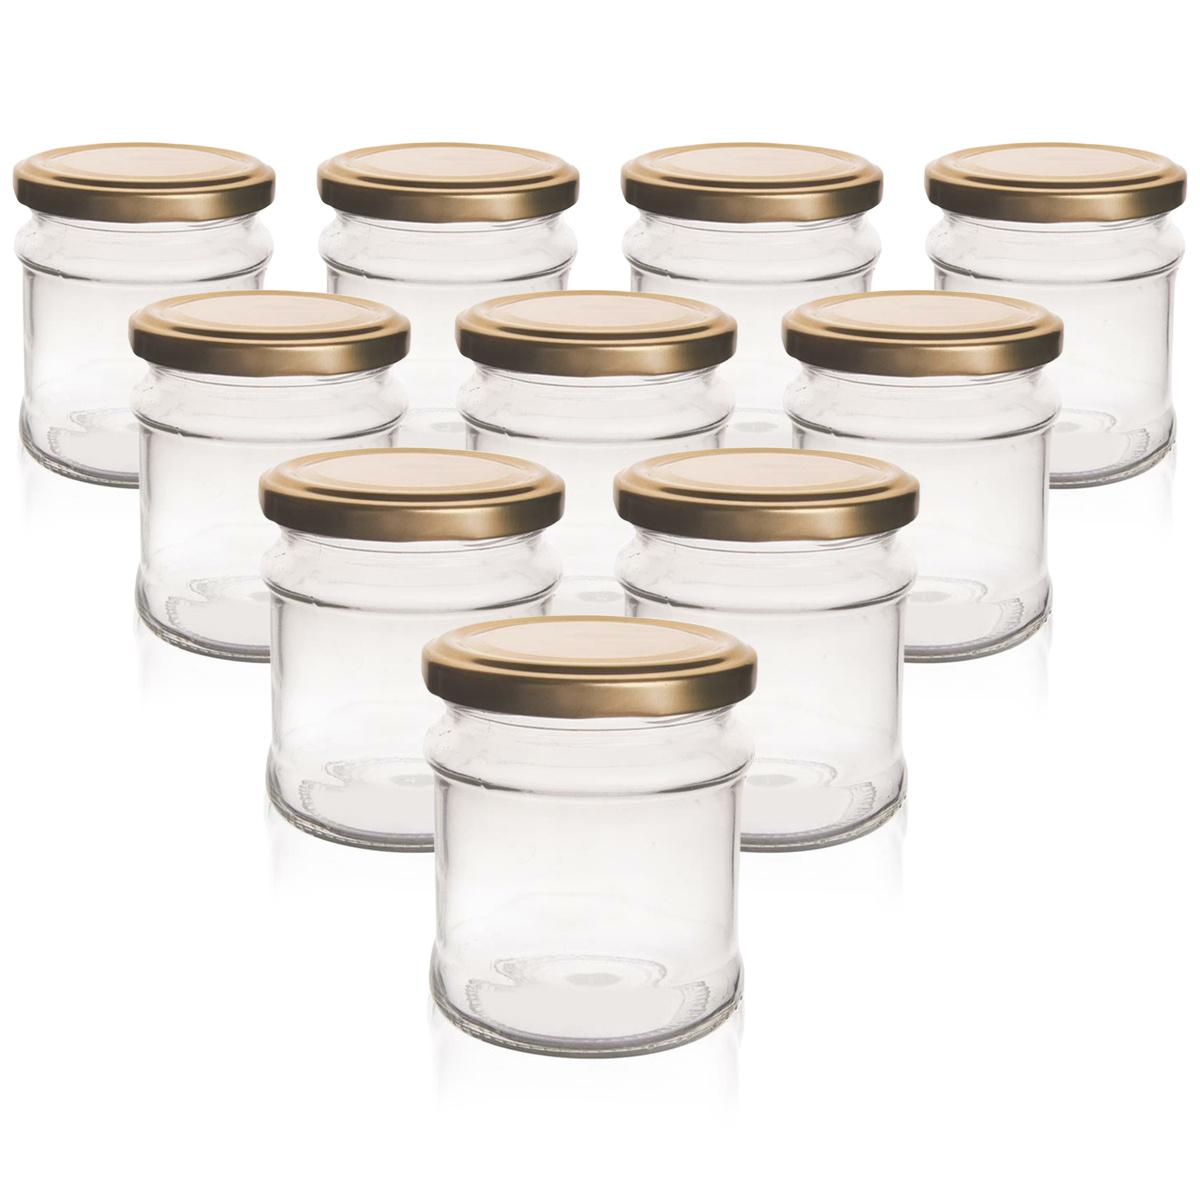 Orion Sada zaváracích pohárov s viečkom Deva 0,212 l, 10 ks